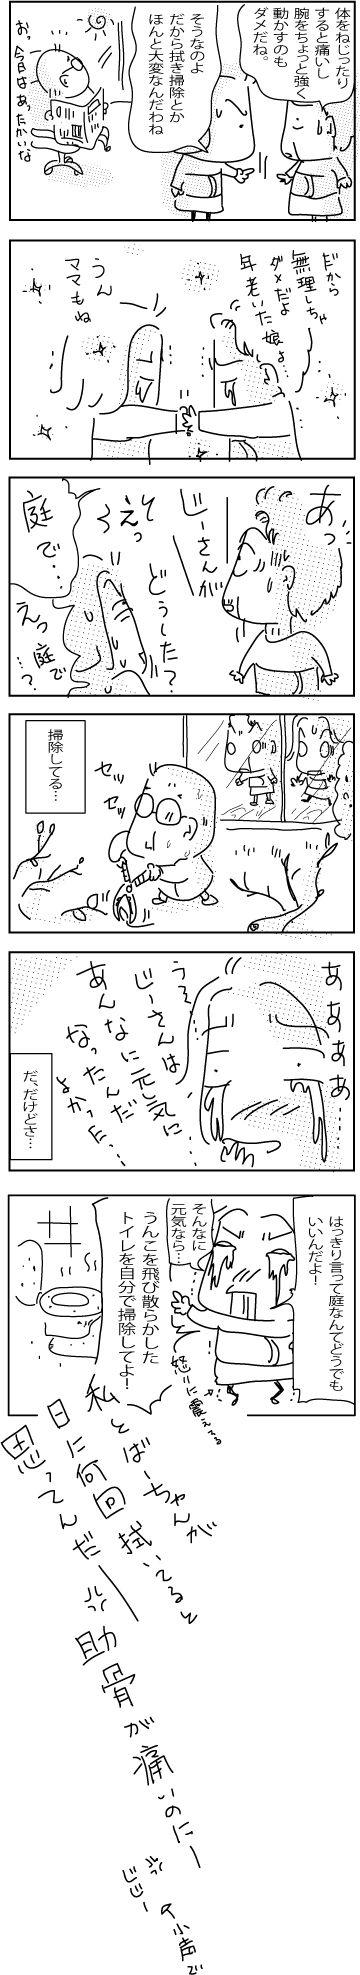 3-6-2018-Japan43